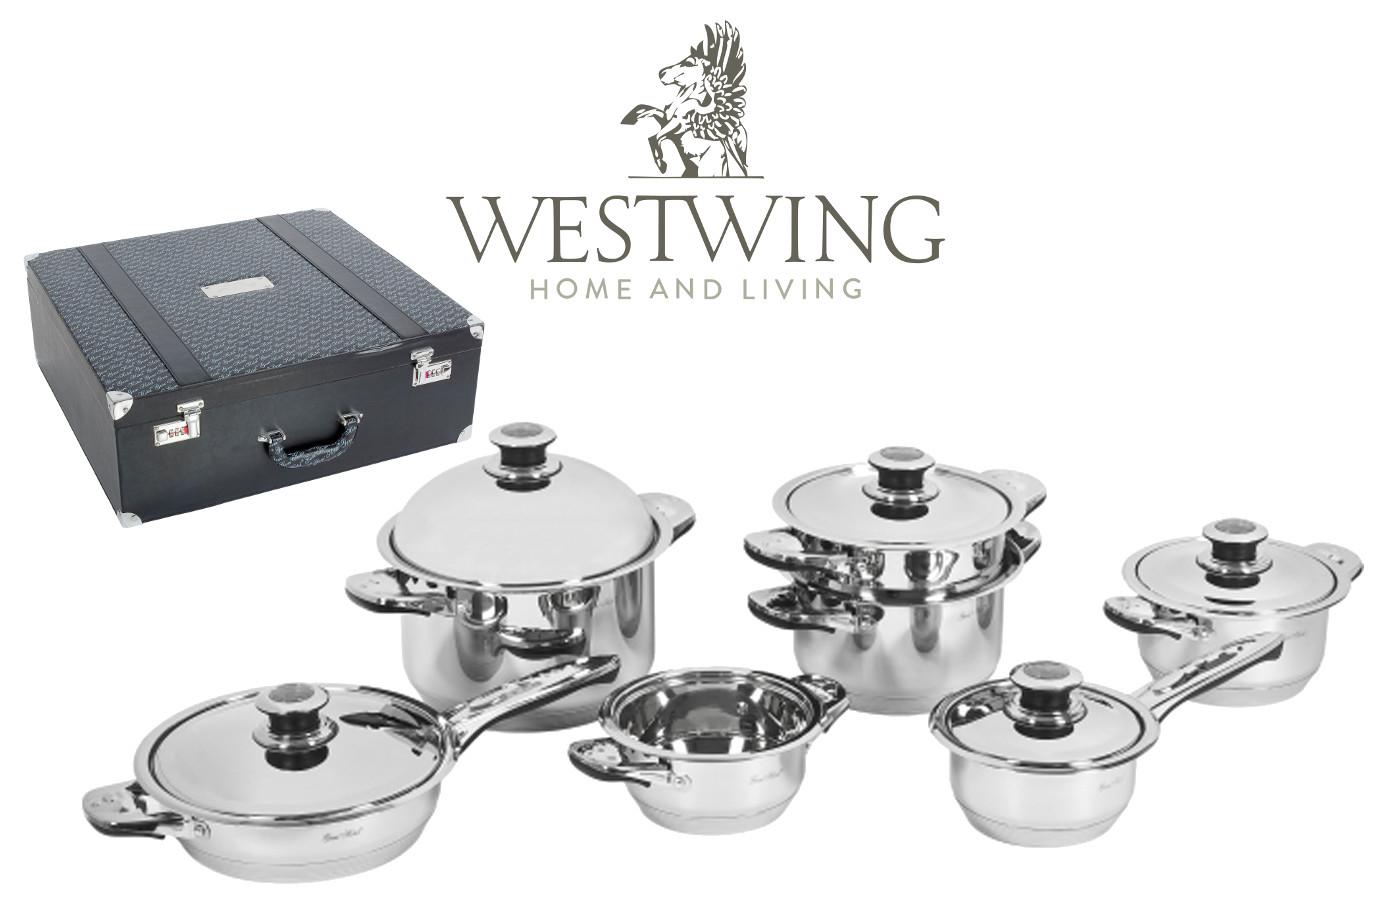 Code promo Westwing : La batterie de cuisine Gam'Hotel 12 pièces à 119€ au lieu de 515€